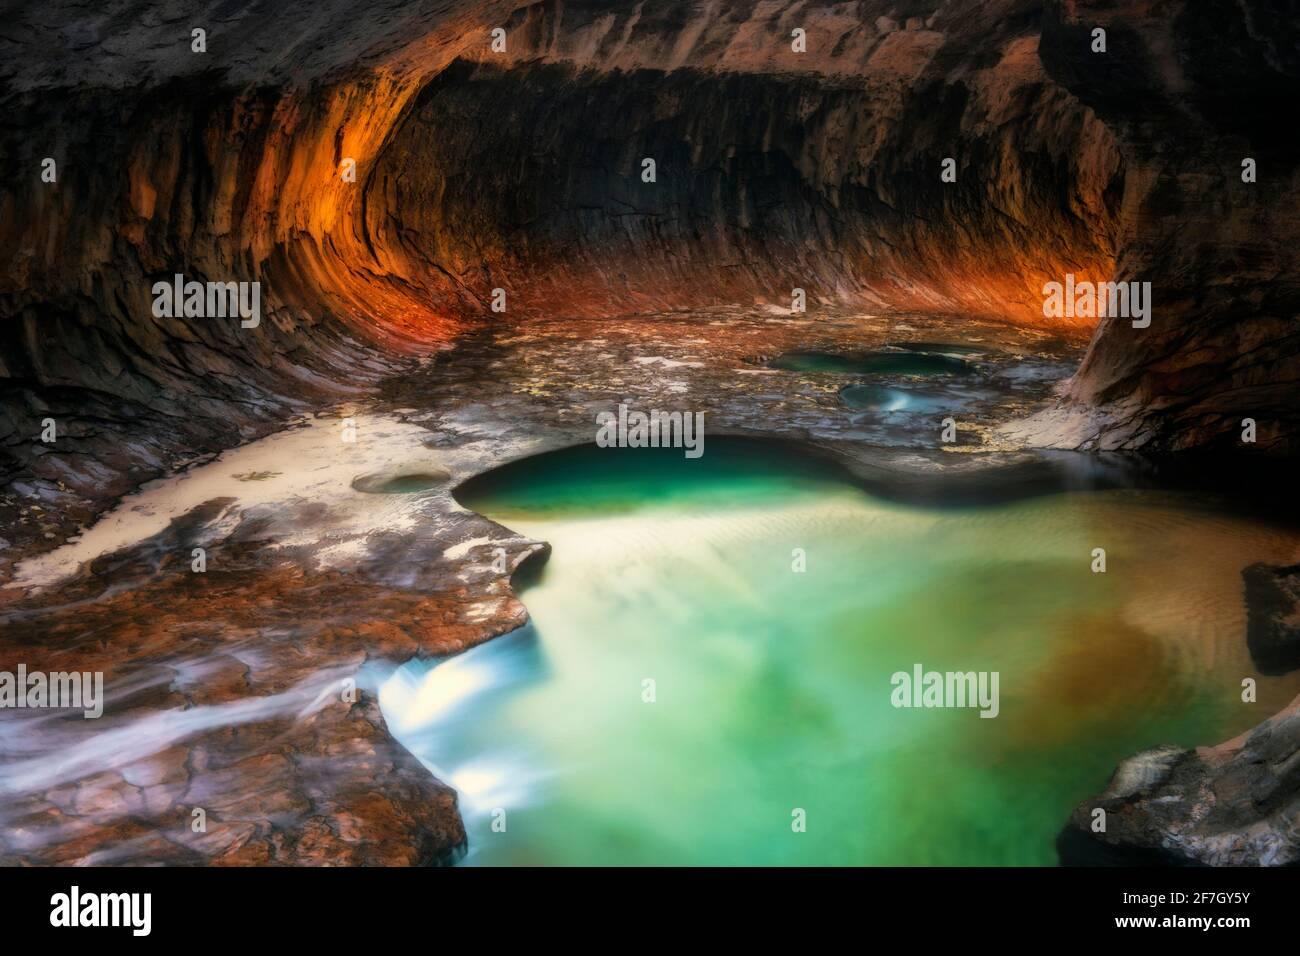 La luce riflettente illumina le pareti del canyon a labirinto con le sue piscine color smeraldo nel Parco Nazionale di Zion. Foto Stock